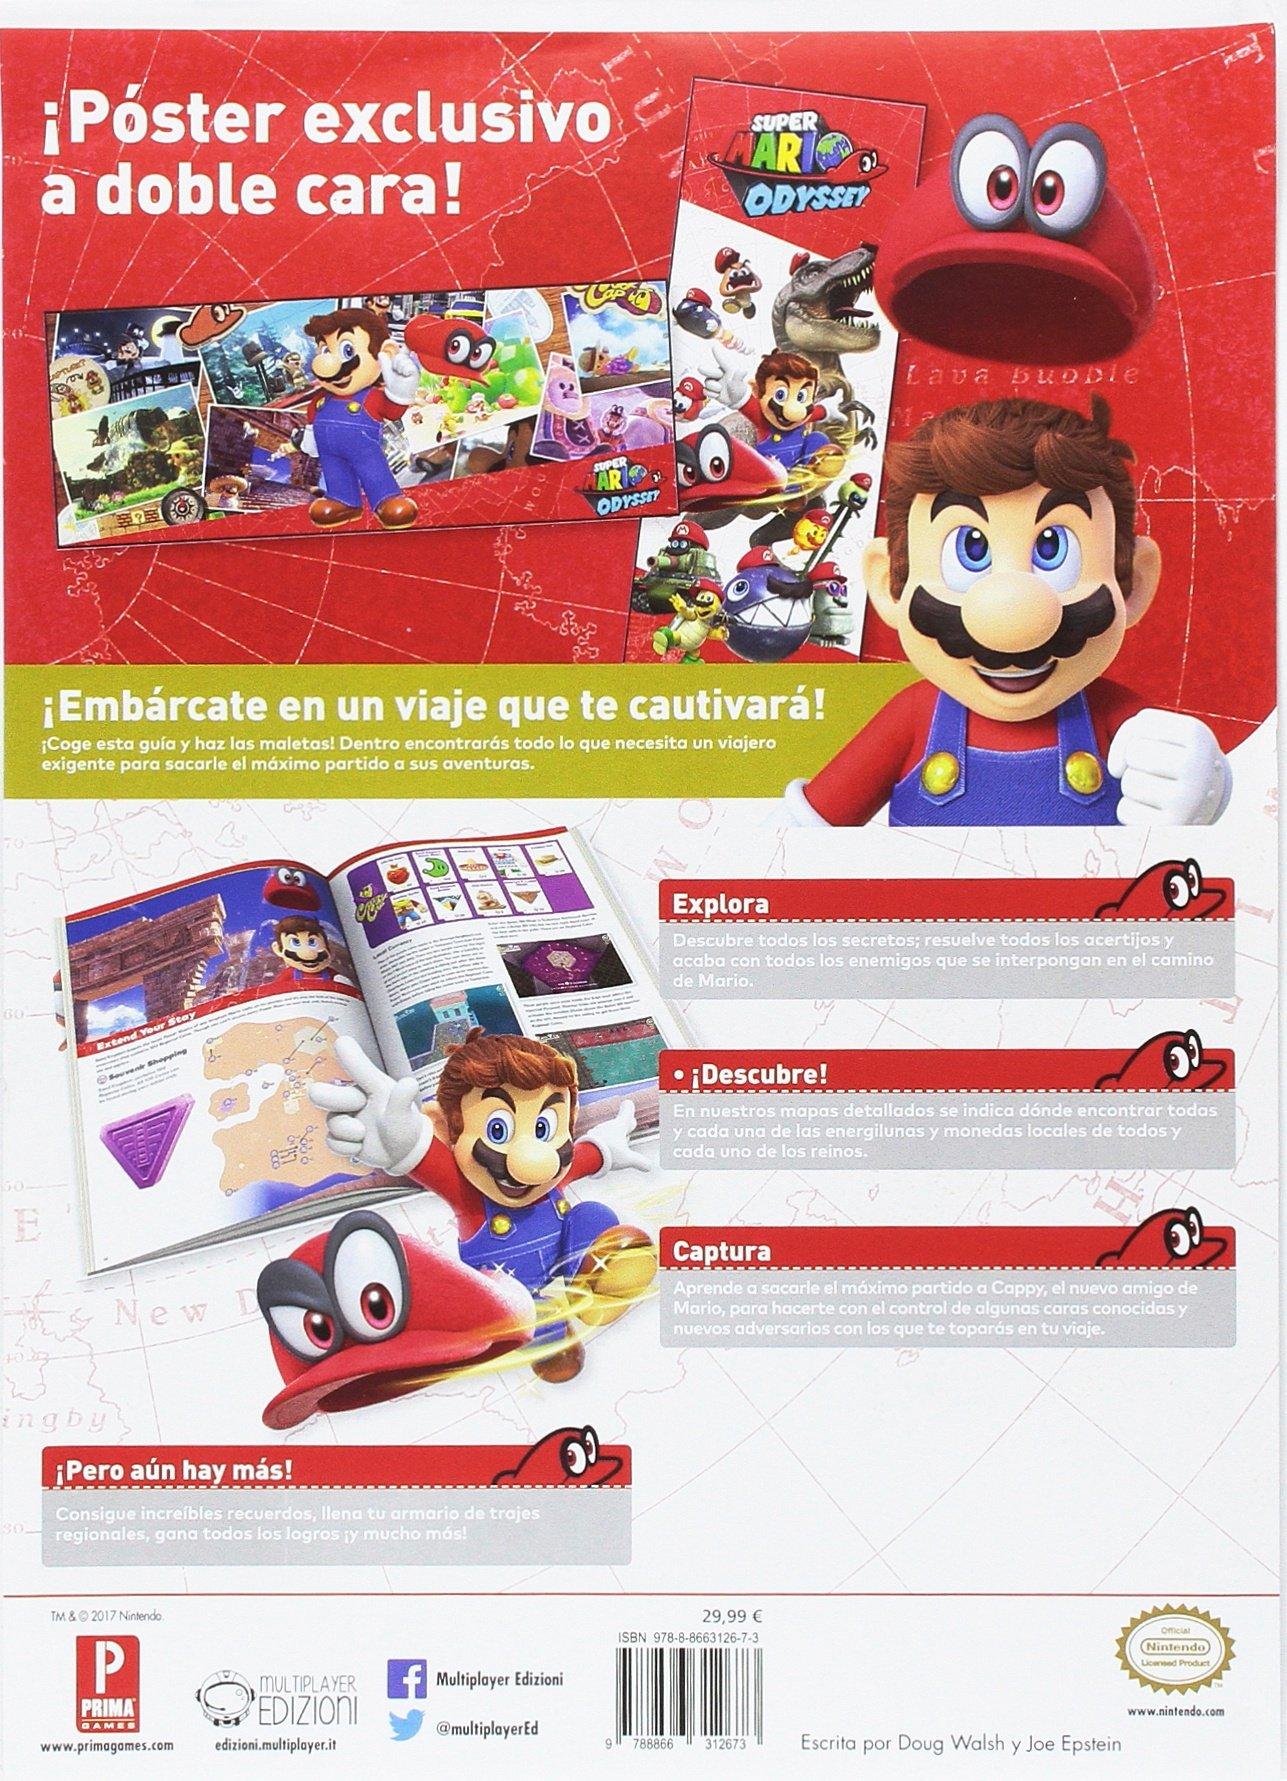 Super Mario Odyssey CE: Amazon.es: Vv.Aa, Vv.Aa: Libros